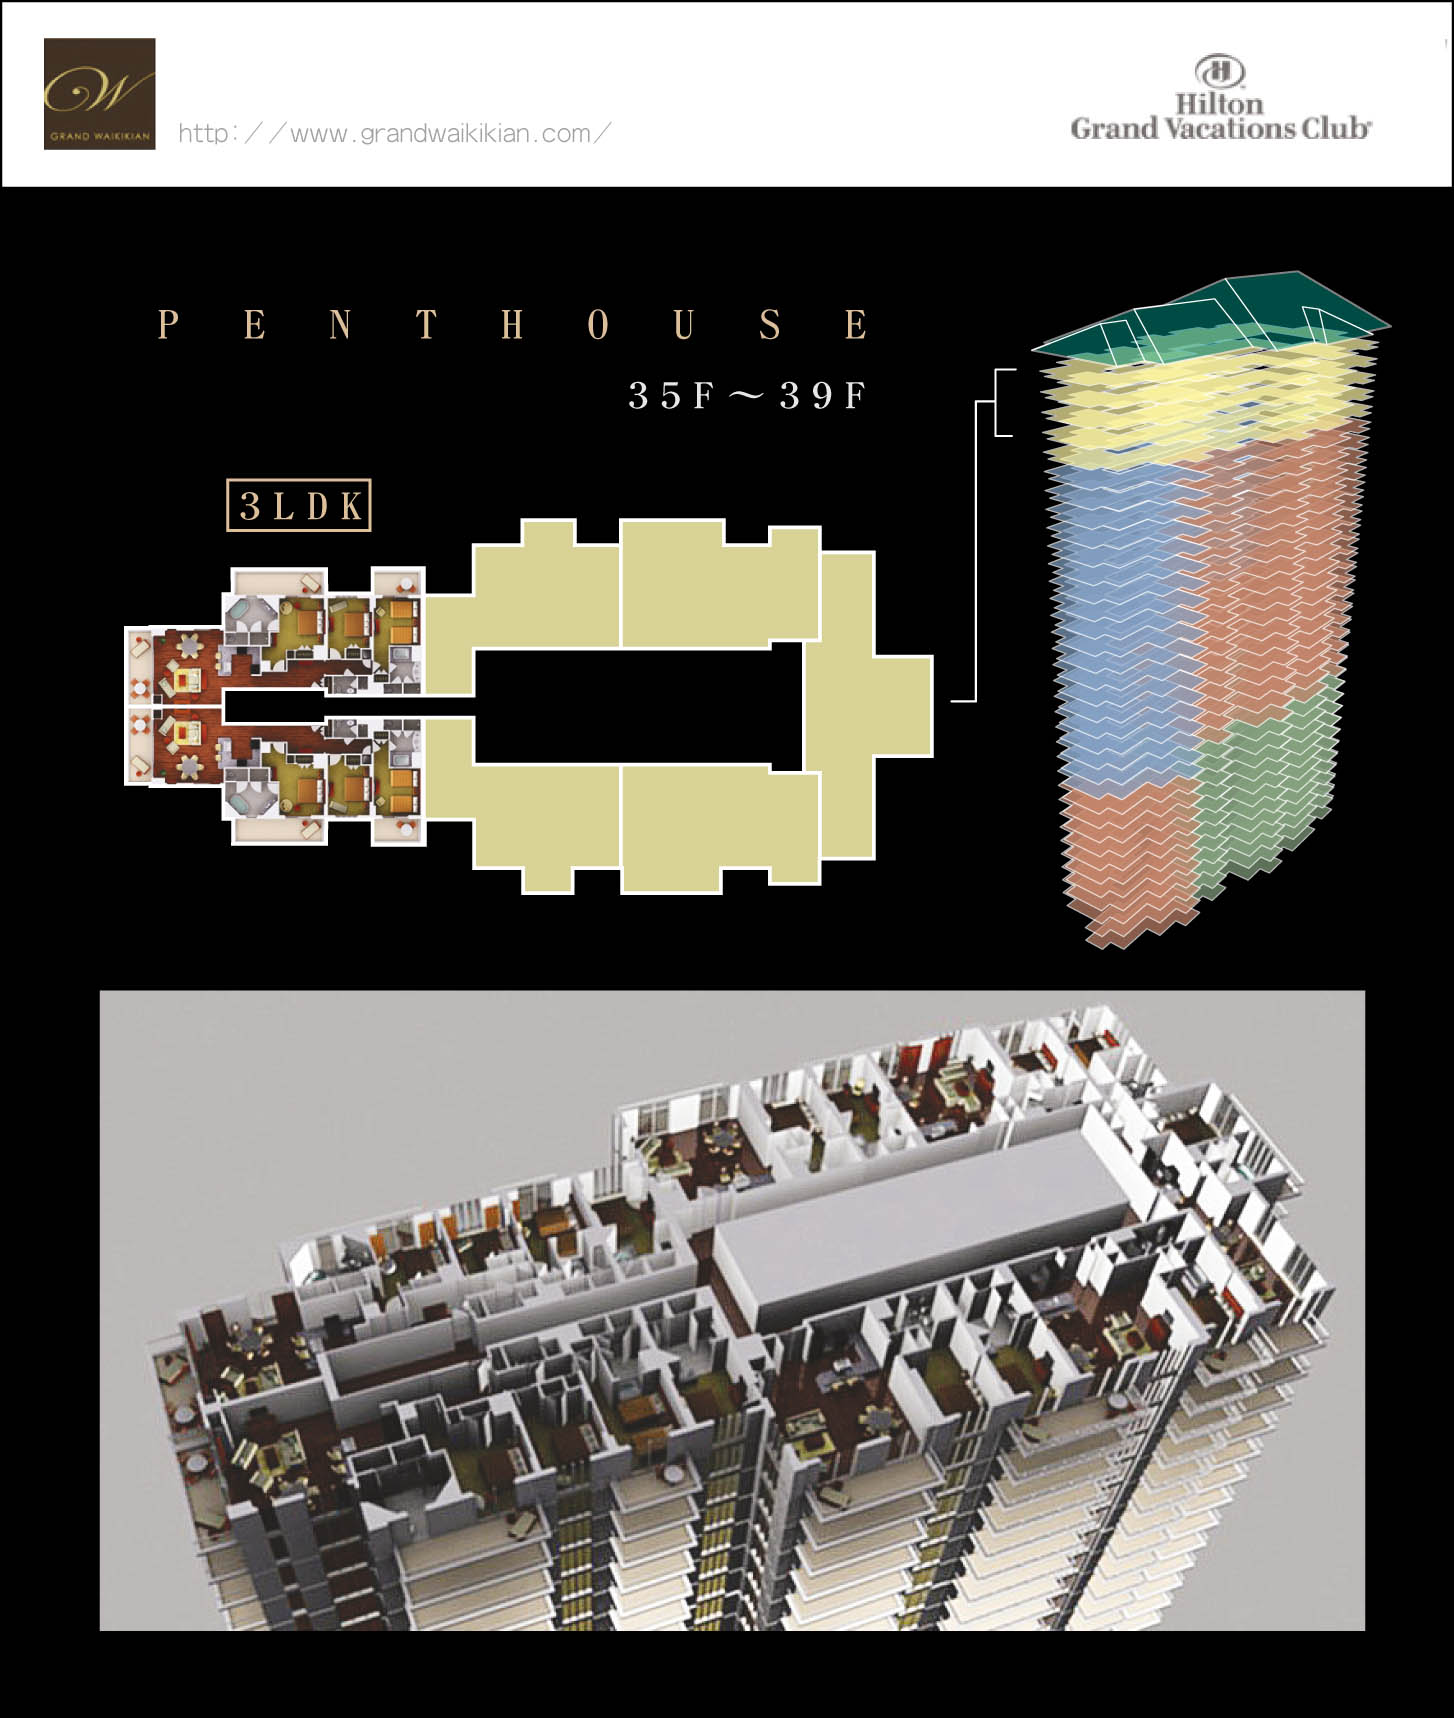 ホテルの完成予想図 3D-CG